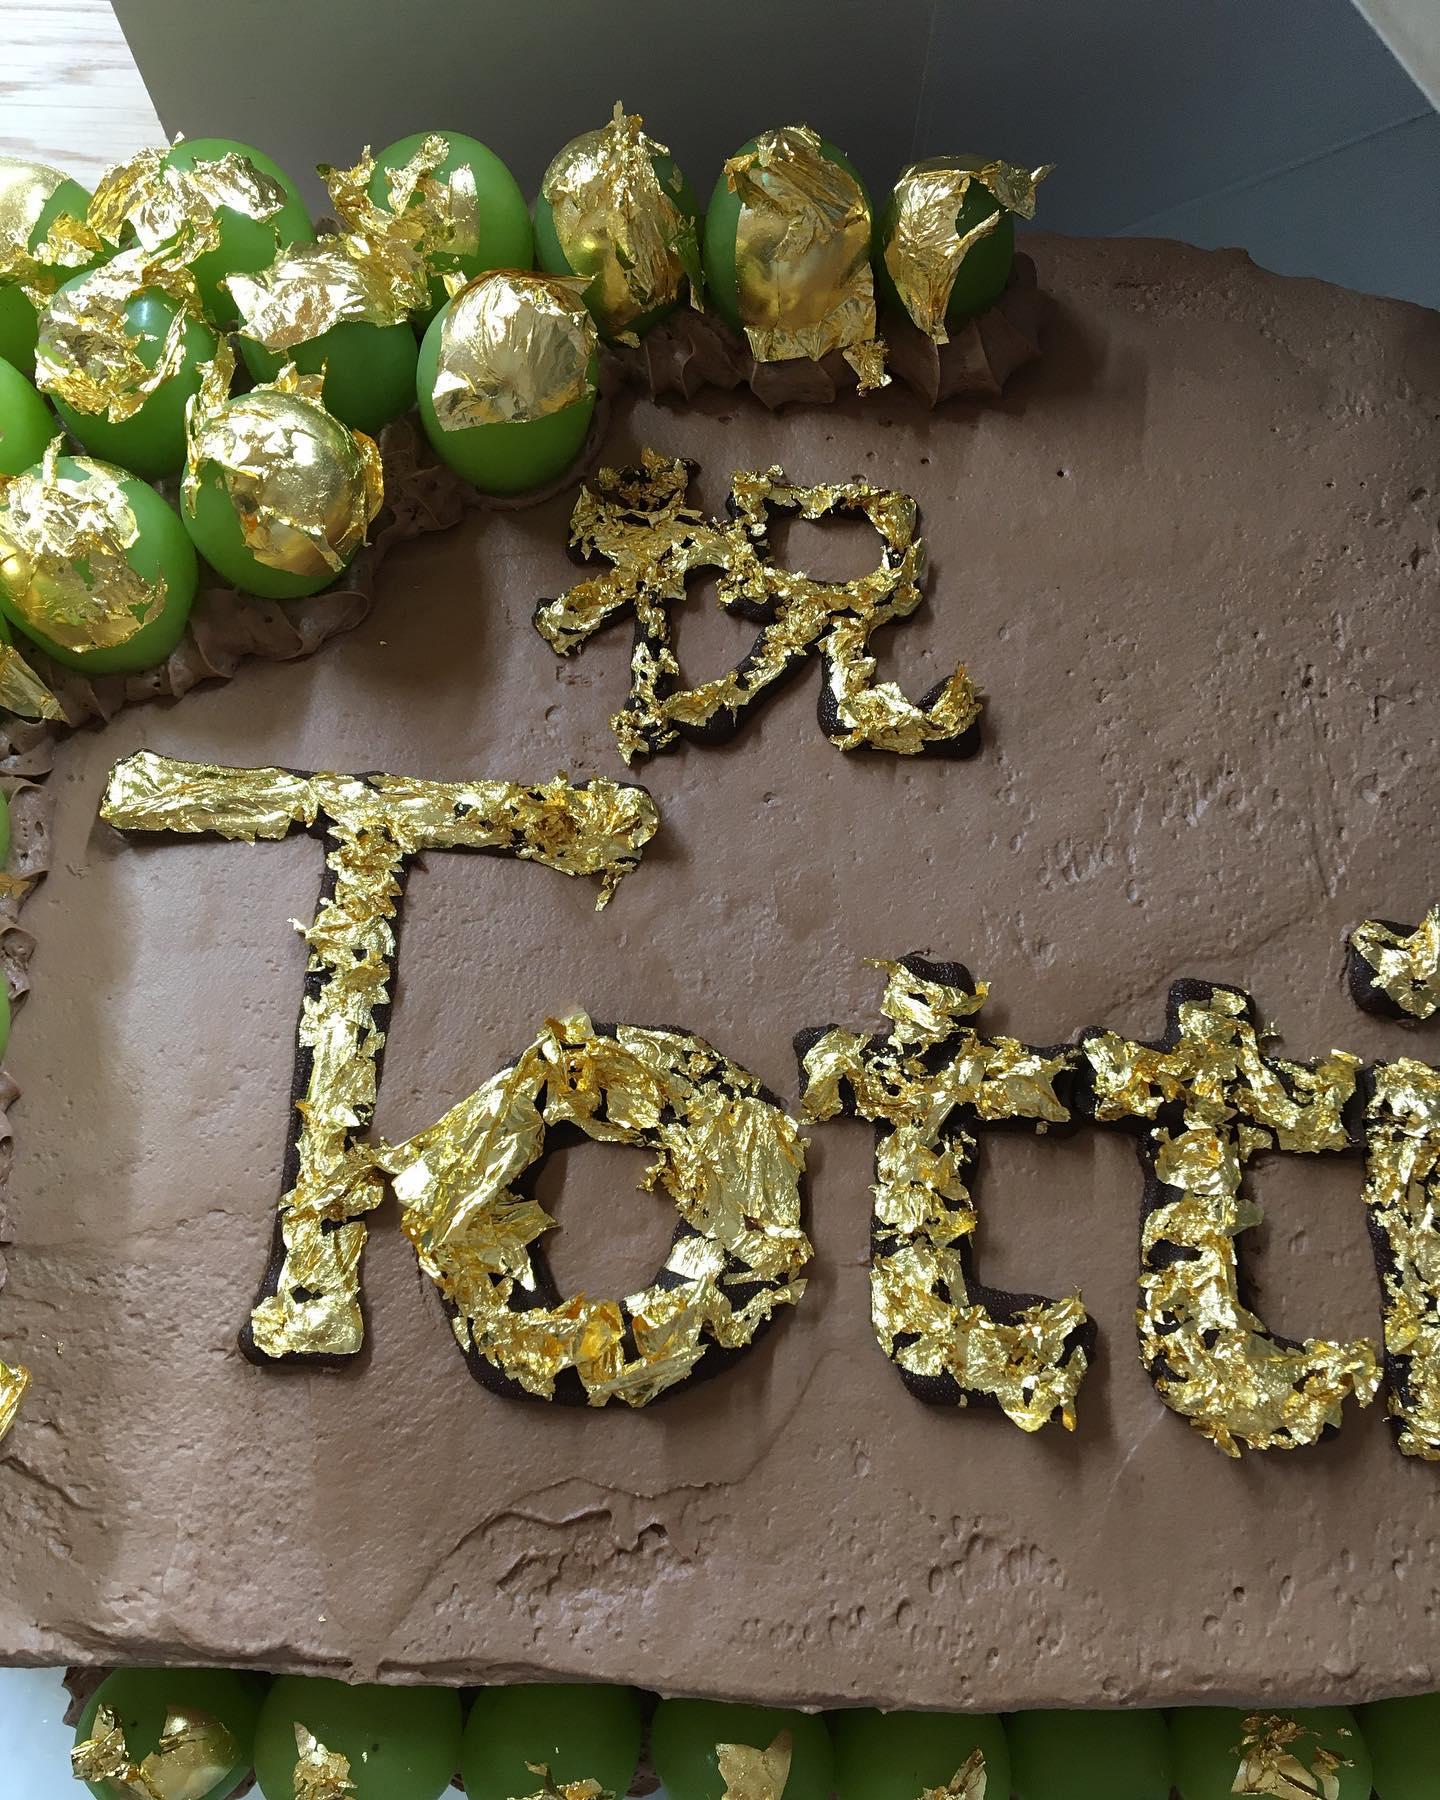 お陰様で10月8日にオープンすることが出来ました16年前の10月8日にTottiをオープンし、早16年🥺多くのお客様、スタッフのみんなに支えられ今日を迎えることができました️感謝の気持ちでいっぱいです️ありがとうございます️多くの方々からお祝いのお花、メッセージ、お品をいただきありがとうございます️花より団子だろ❣️とお花も団子も大好きです@zarame21 さんより、私の大好物のzarame21 チョコケーキ❣️大好きすぎて顔埋めたいけど、みんなに怒られるので仲良くわけわけしていただきました️ありがとうございました♀️今後とも宜しくお願いします🥺️